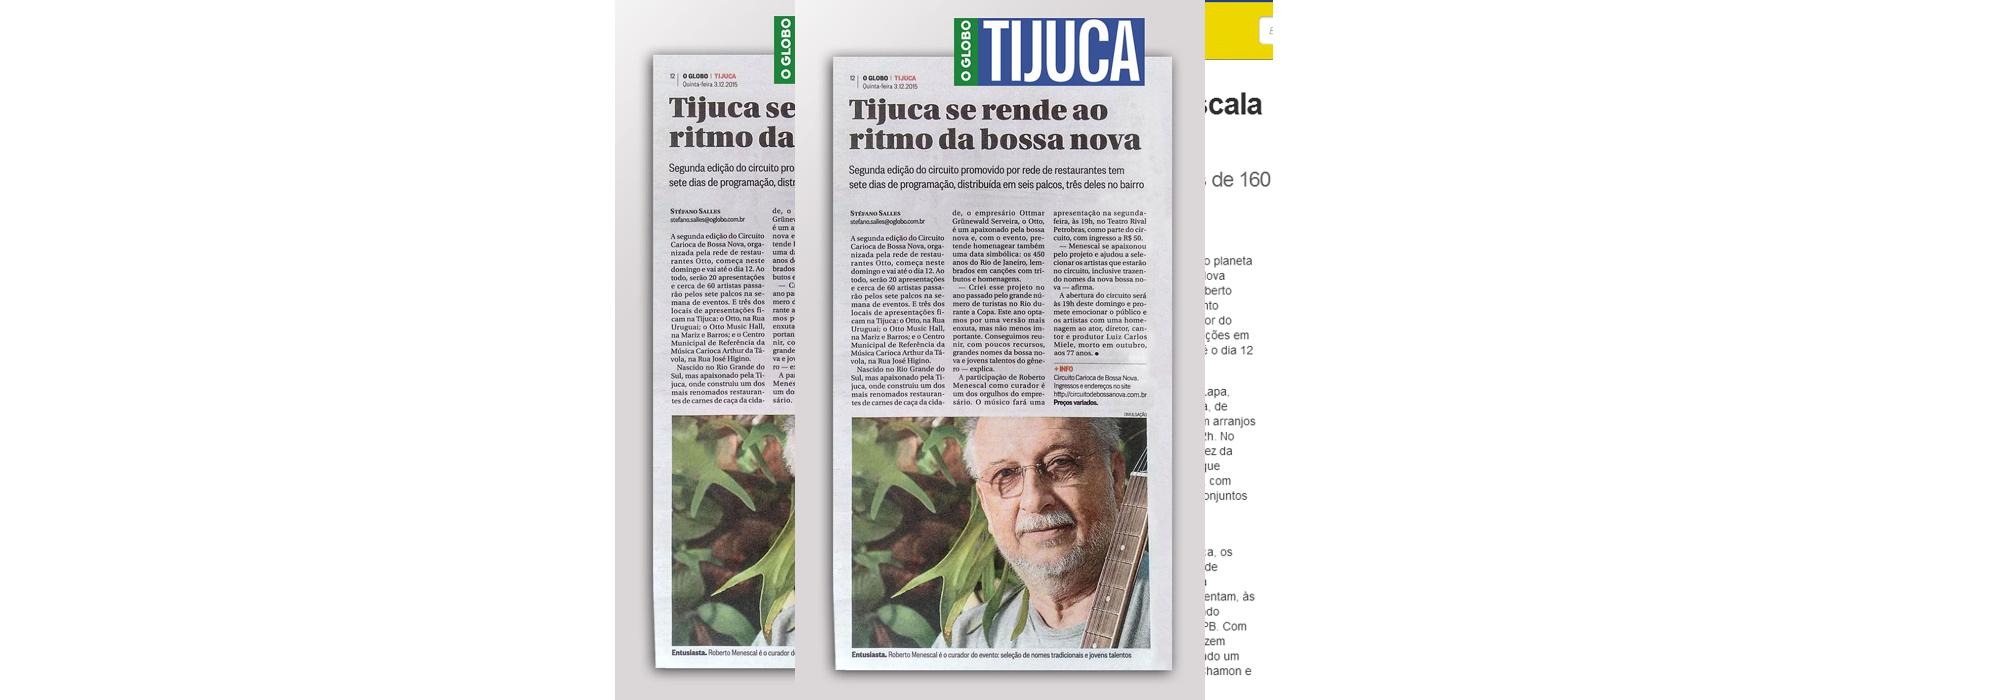 imprensa-circuito-carioca-de-bossa-nova-2015-01